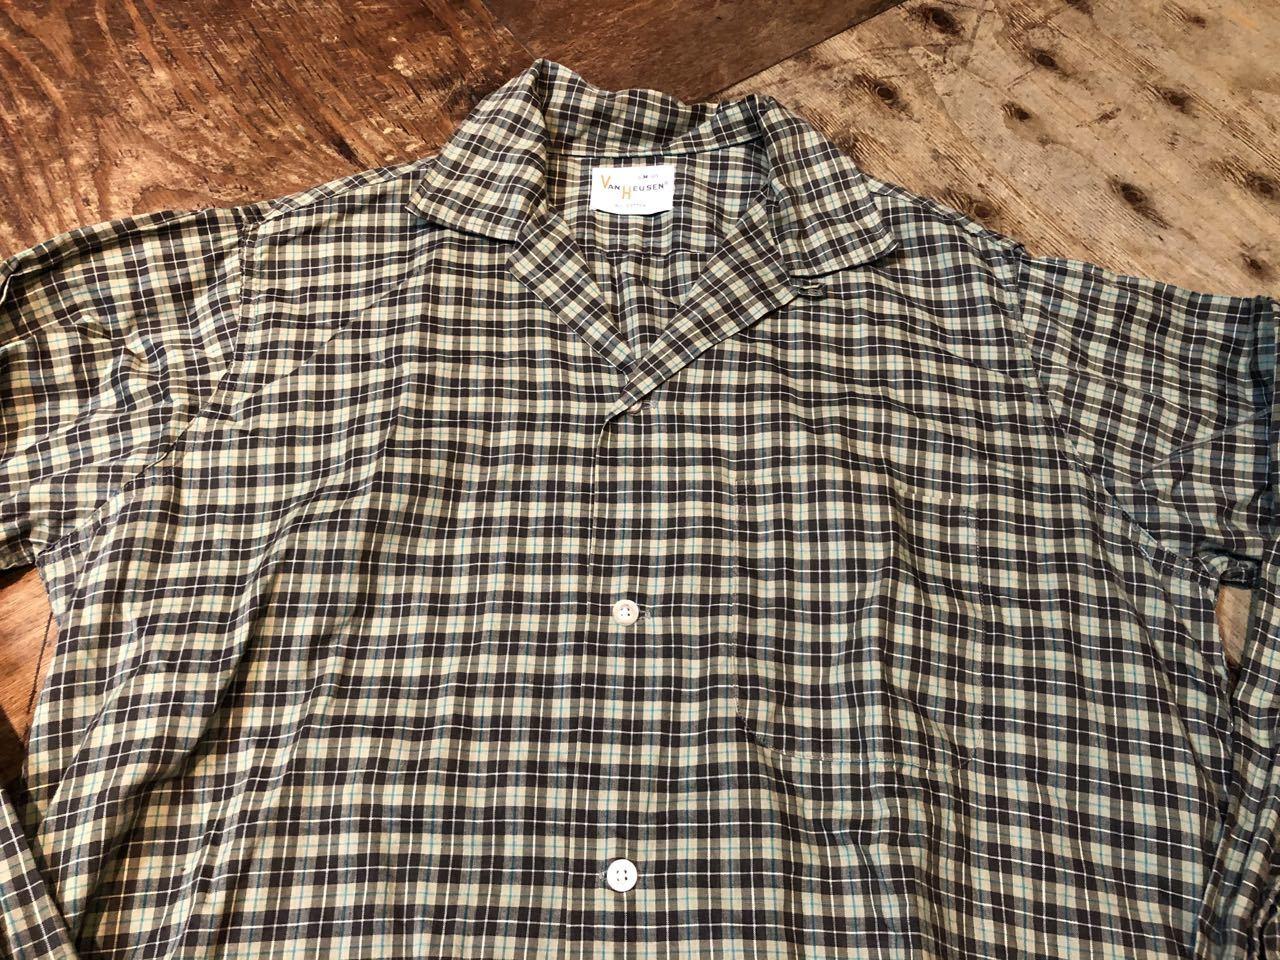 2月1日(土)入荷!60s!VAN HEUSEN  vintage all cotton オープンカラーシャツ! _c0144020_13193804.jpg